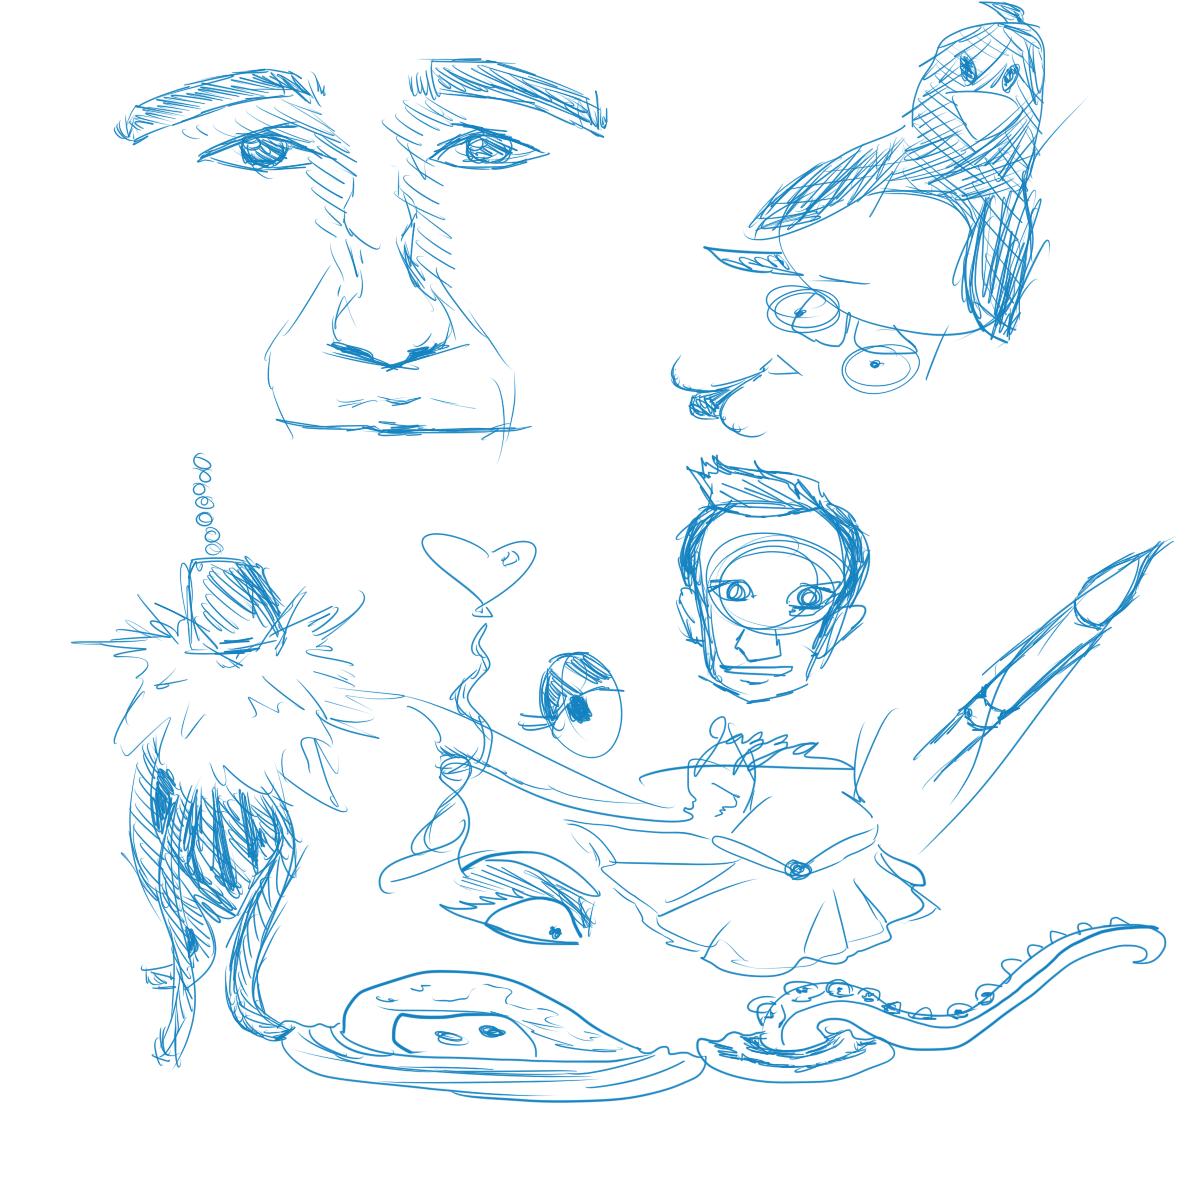 Doodles 3.29.16